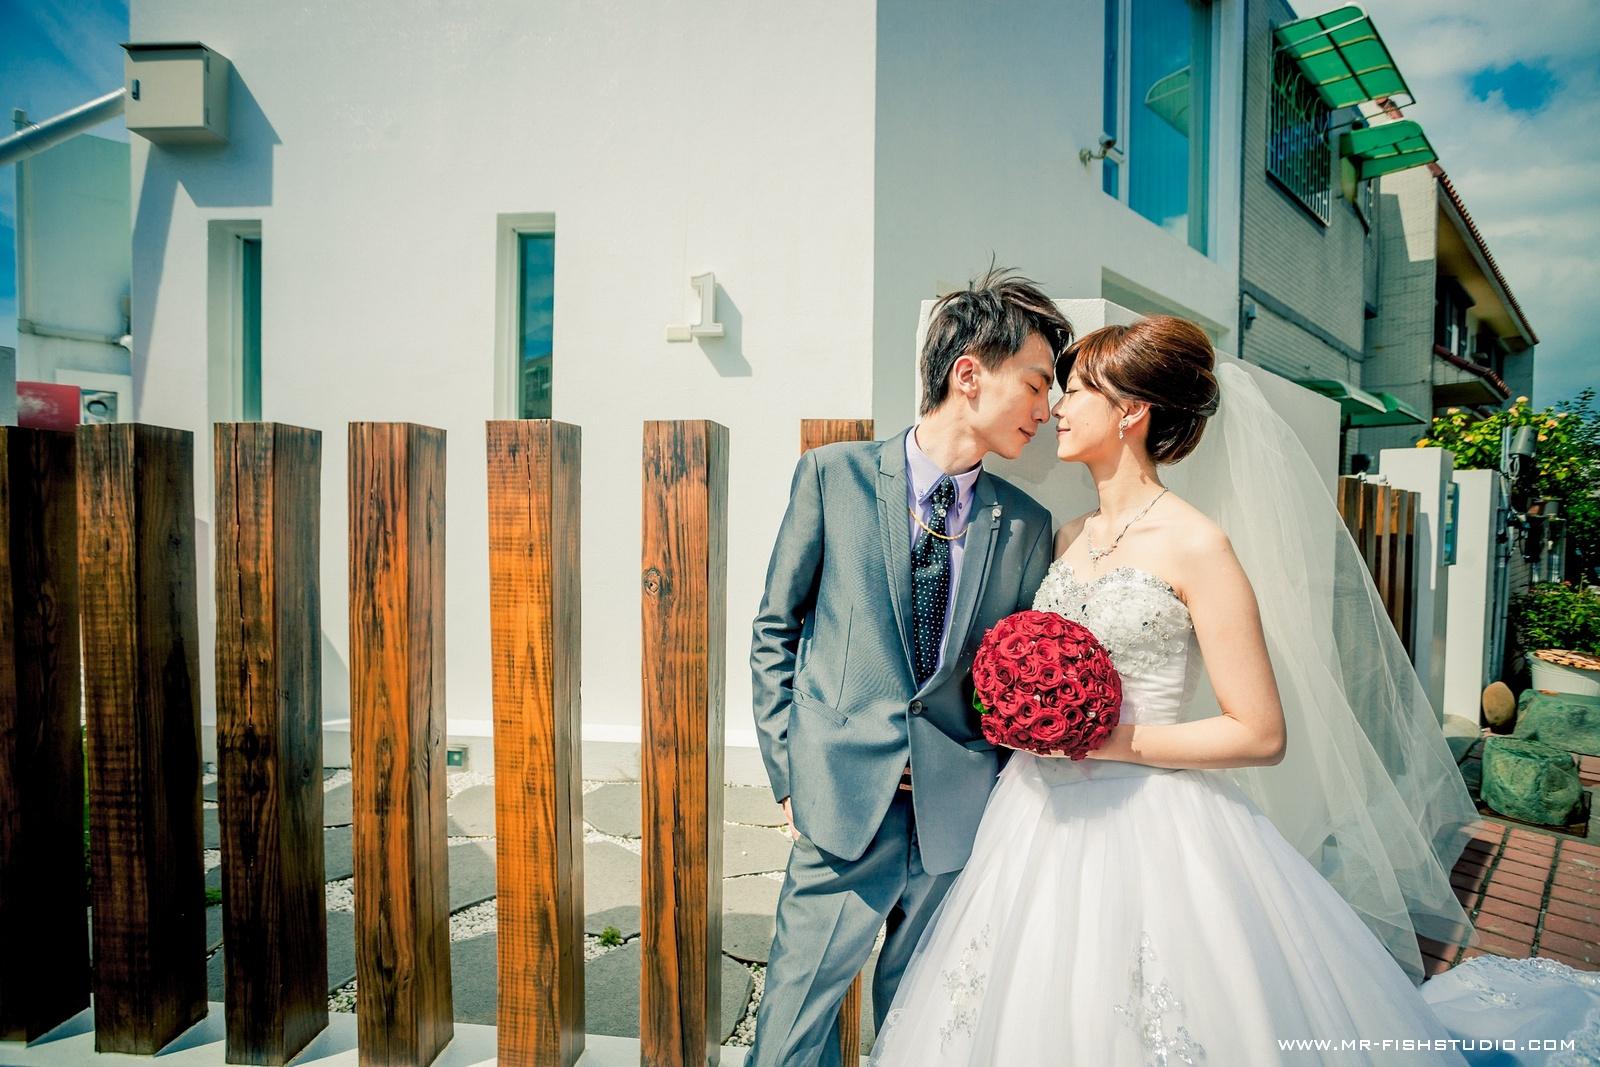 【Wedding】慧君+凱文婚禮